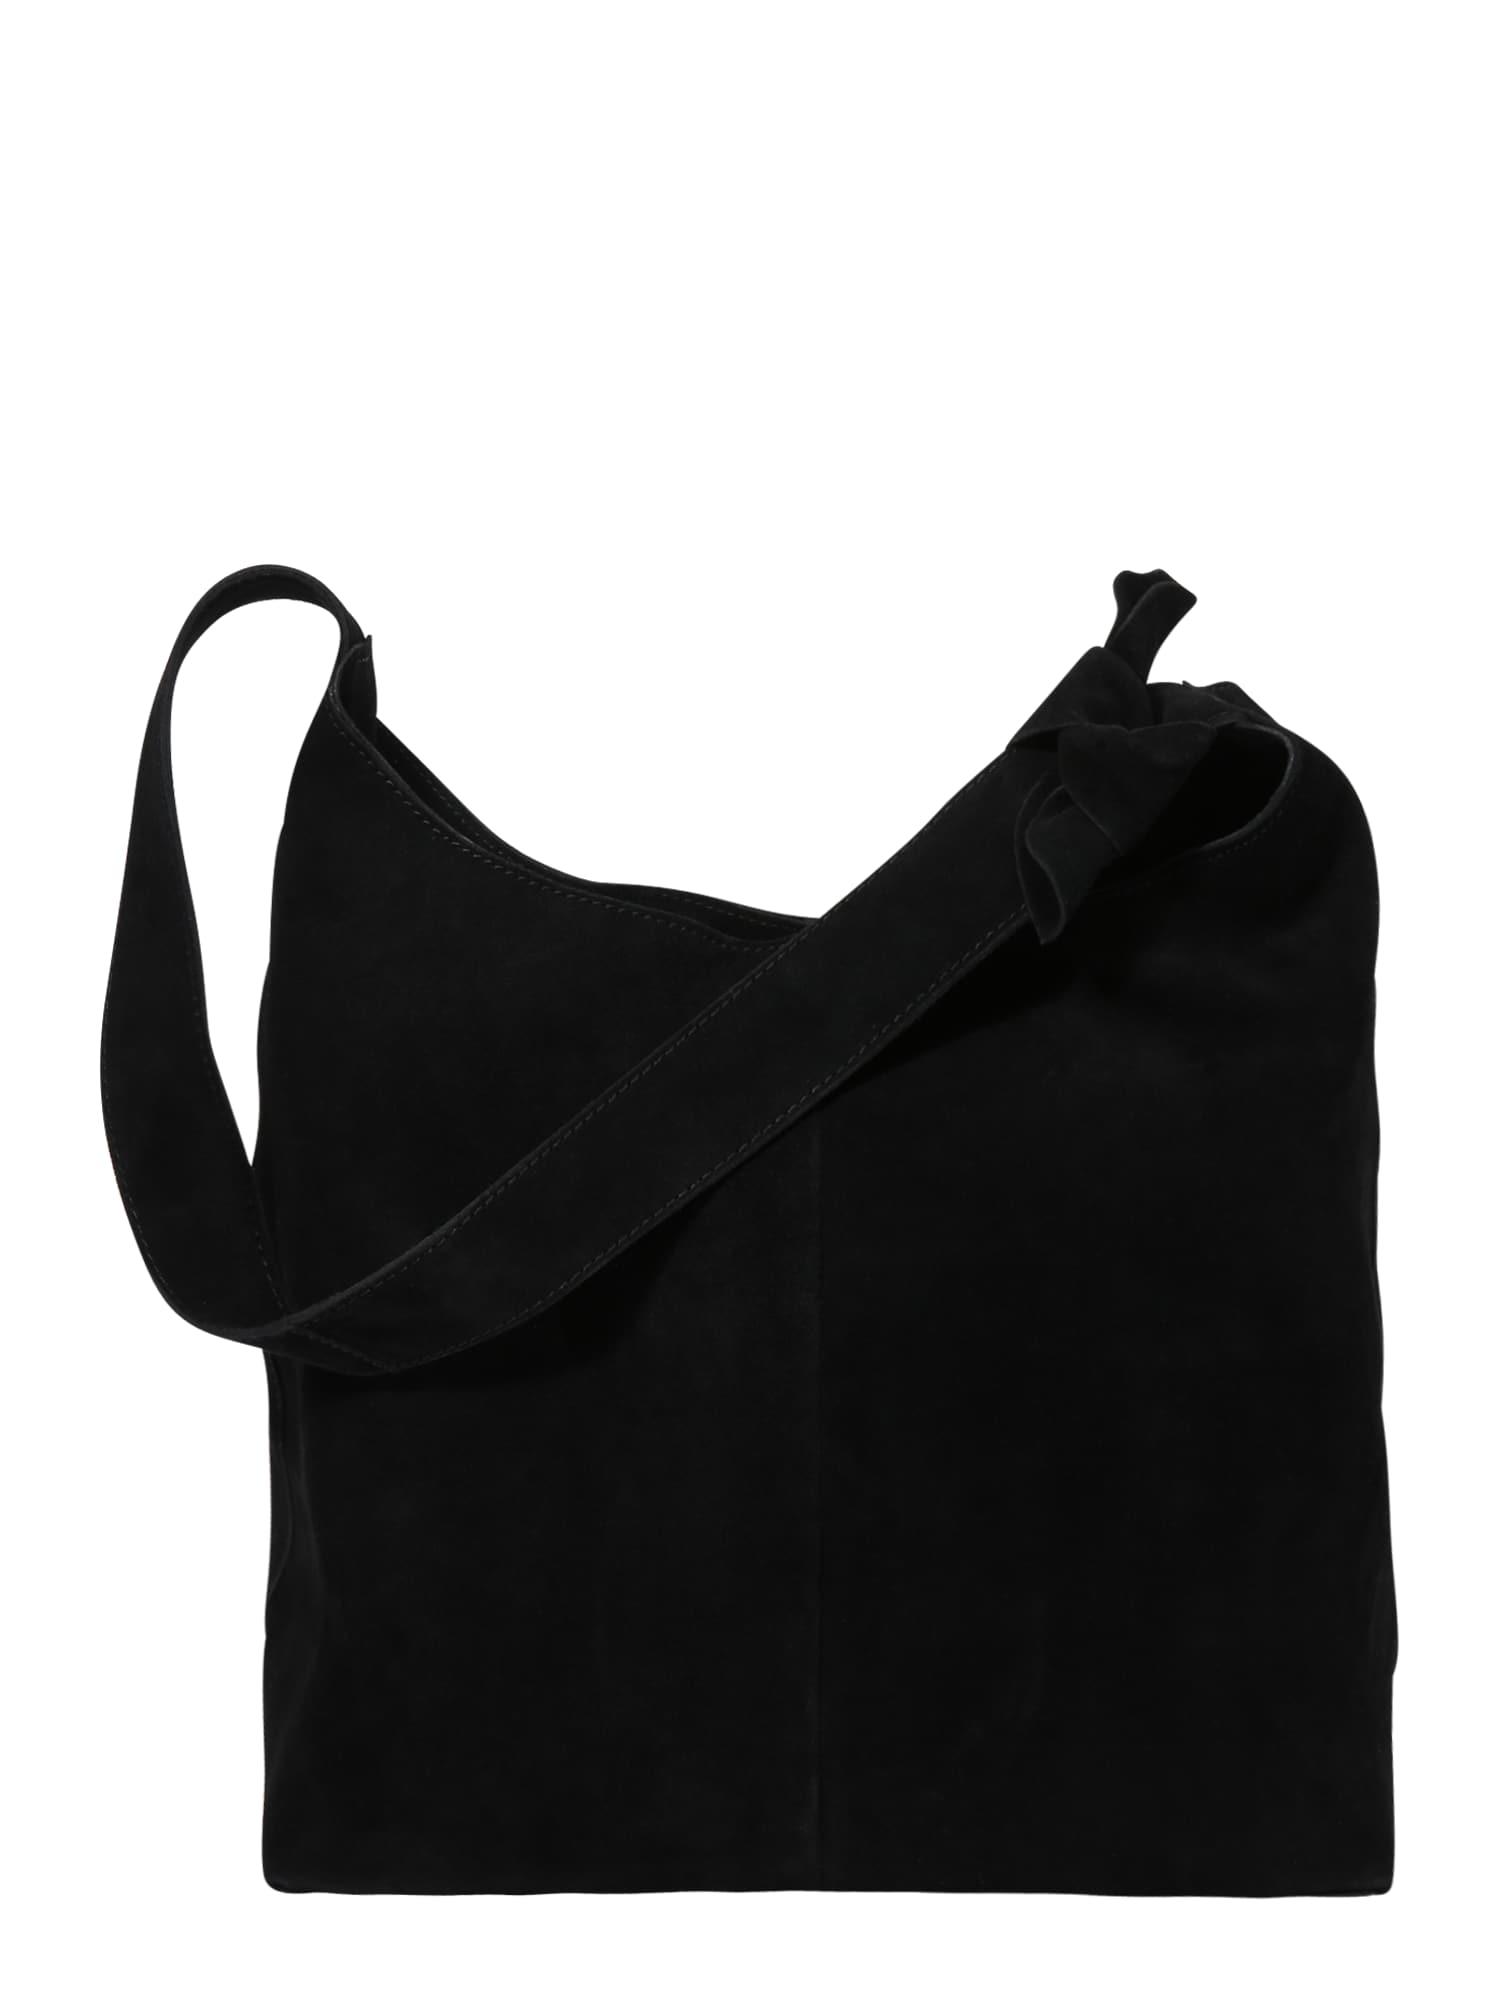 Taška přes rameno CADY černá Mint&berry